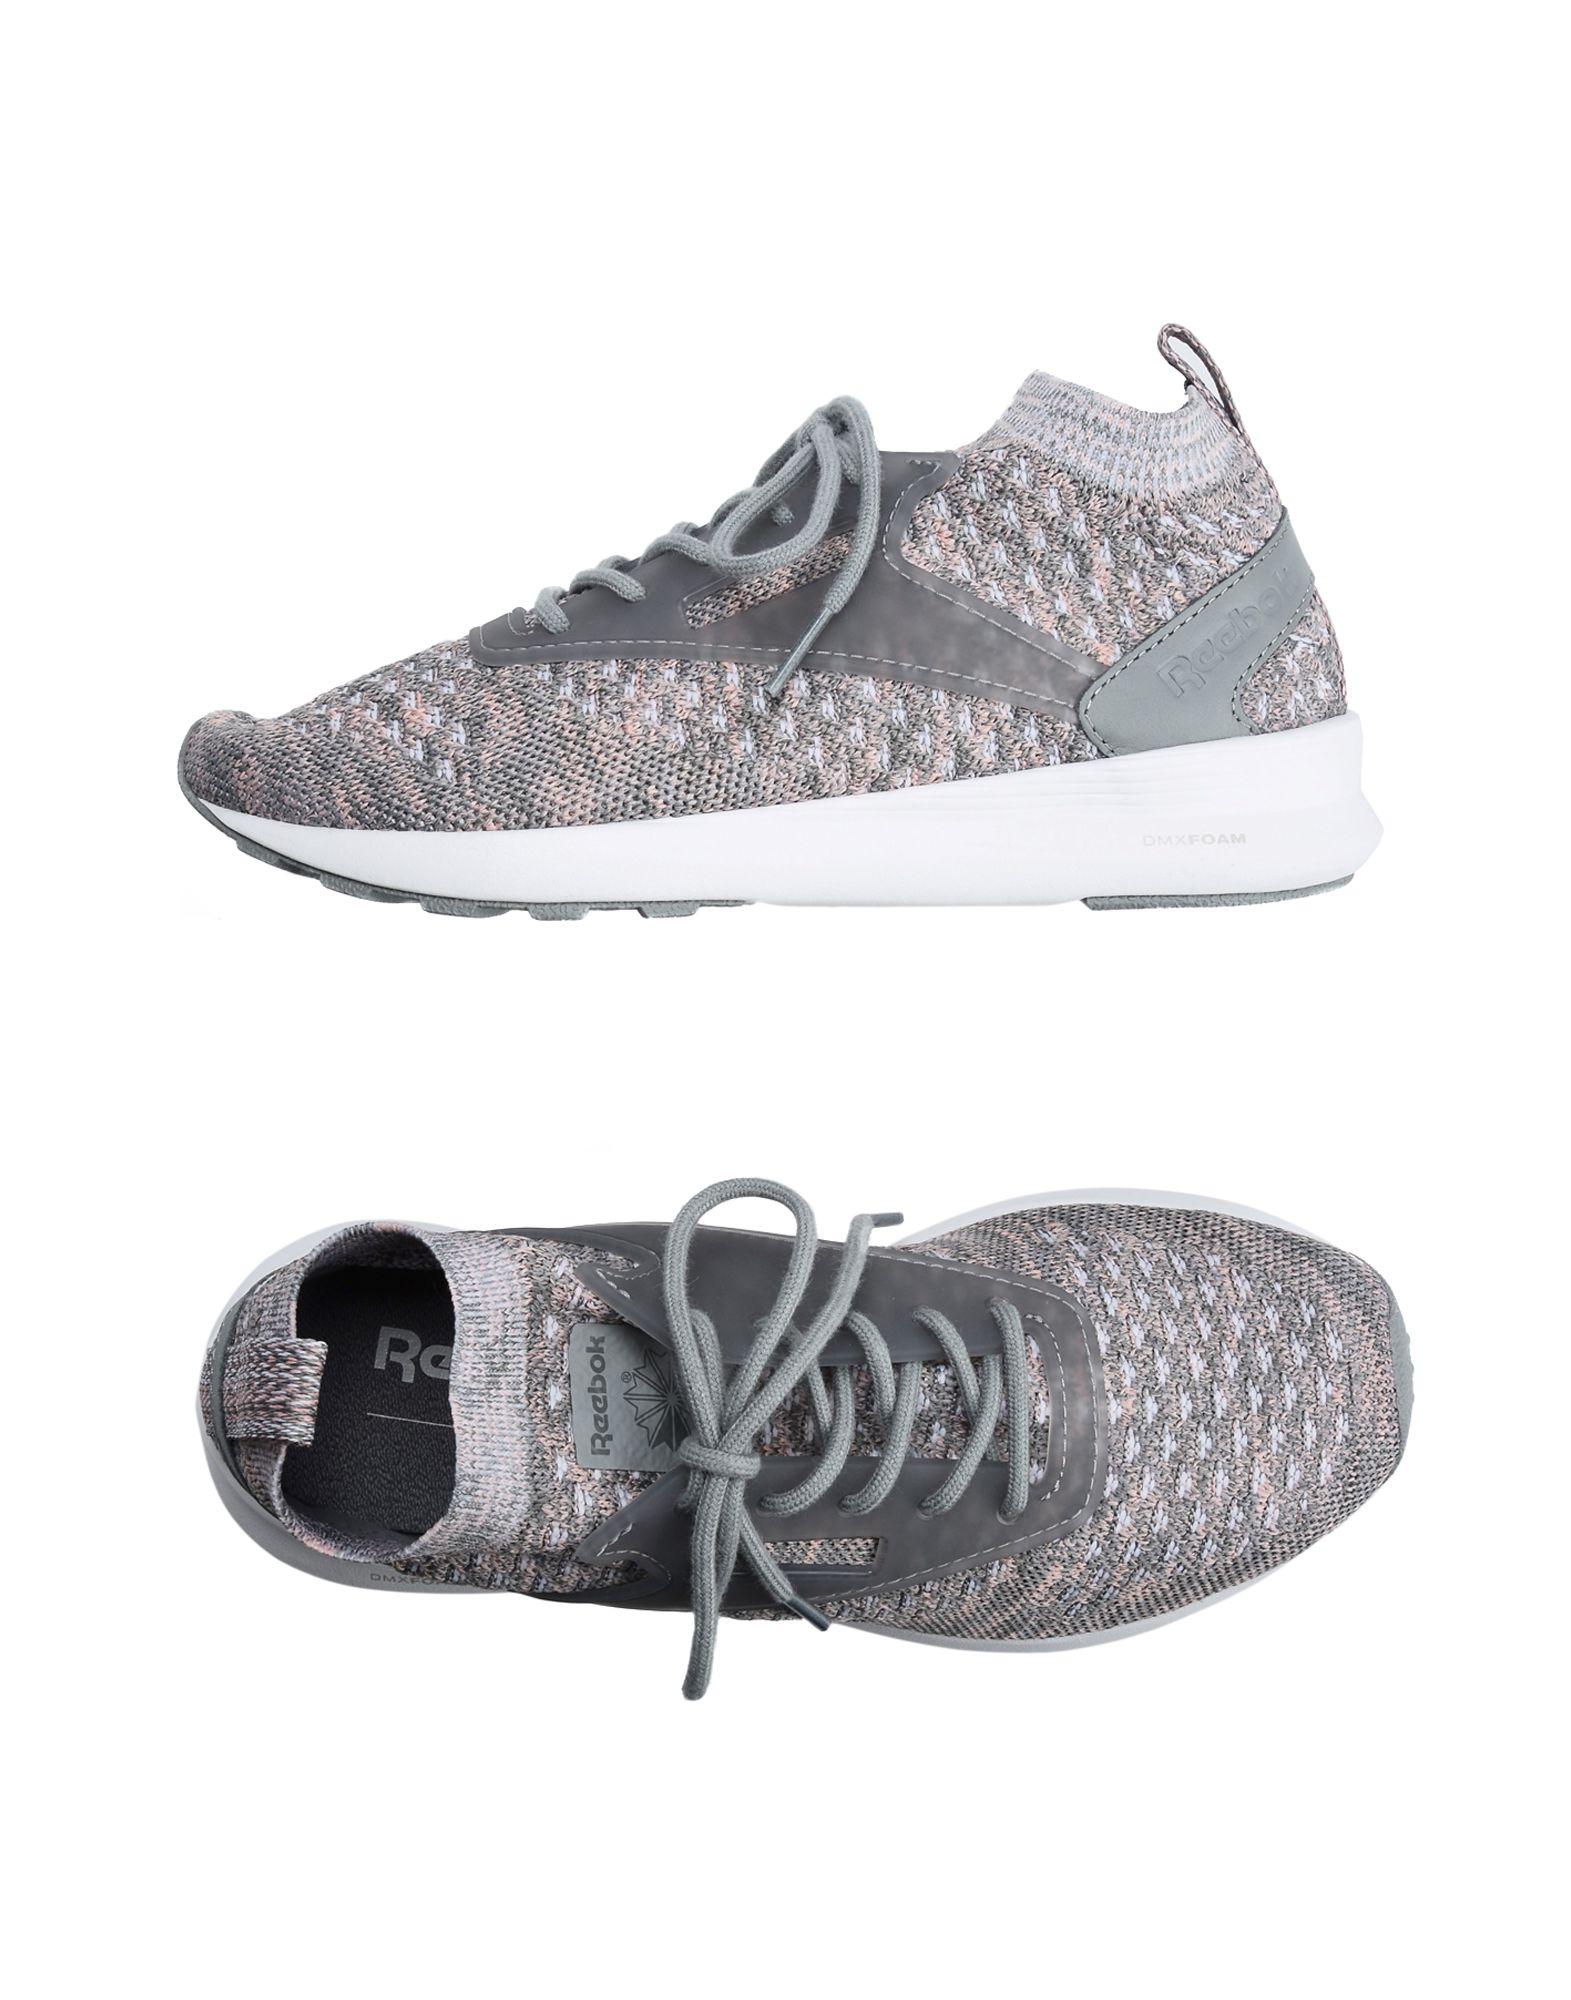 Reebok Zoku Runner Ultk Ht beliebte  11222361GS Gute Qualität beliebte Ht Schuhe 3da79b